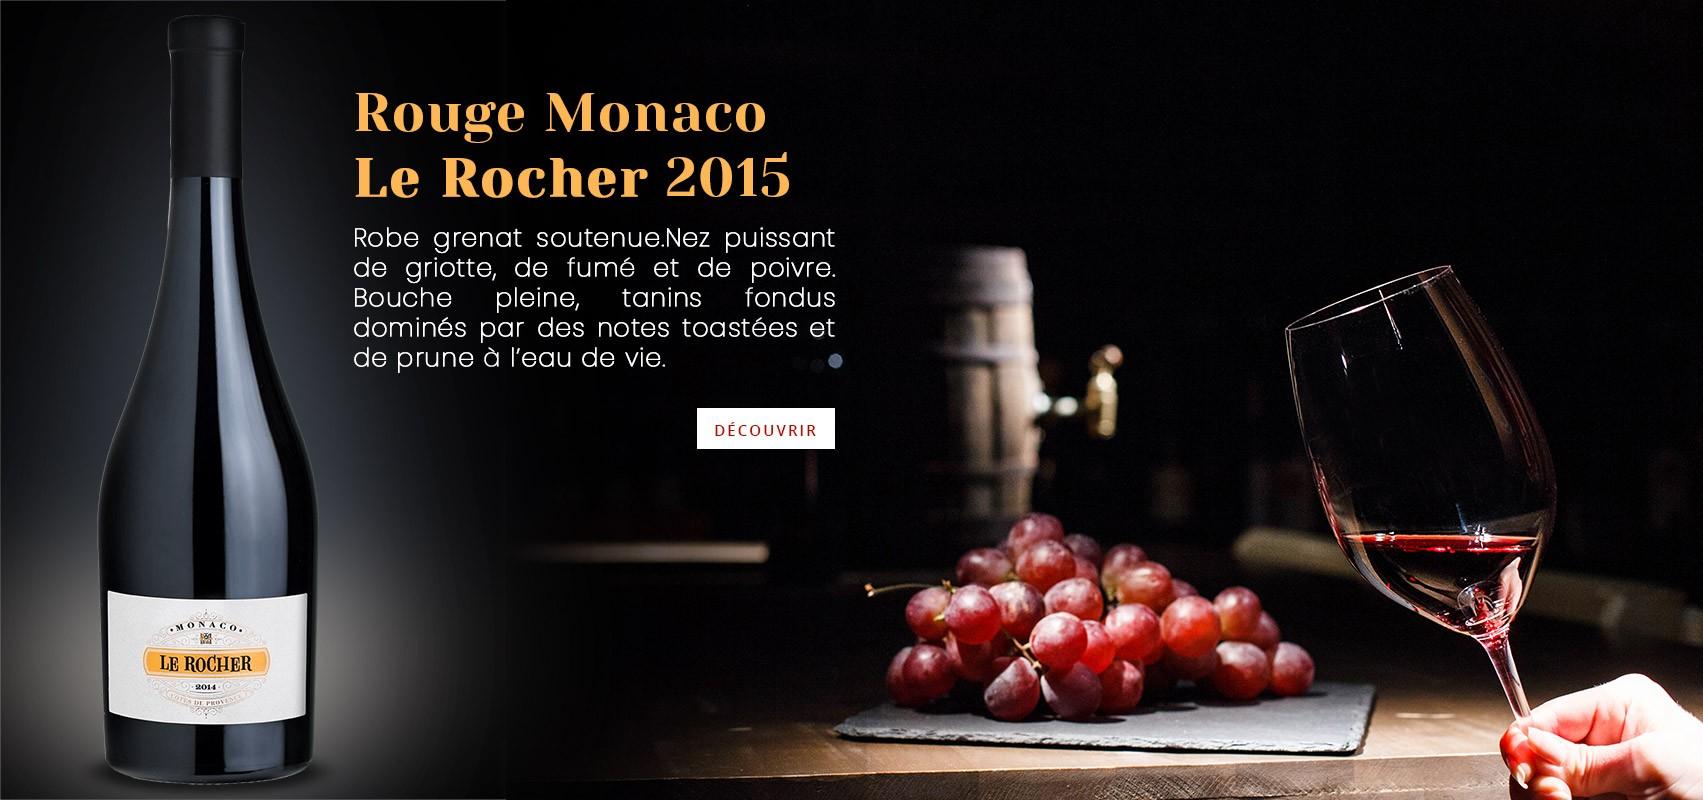 Vin Rouge Monaco Le Rocher 2015